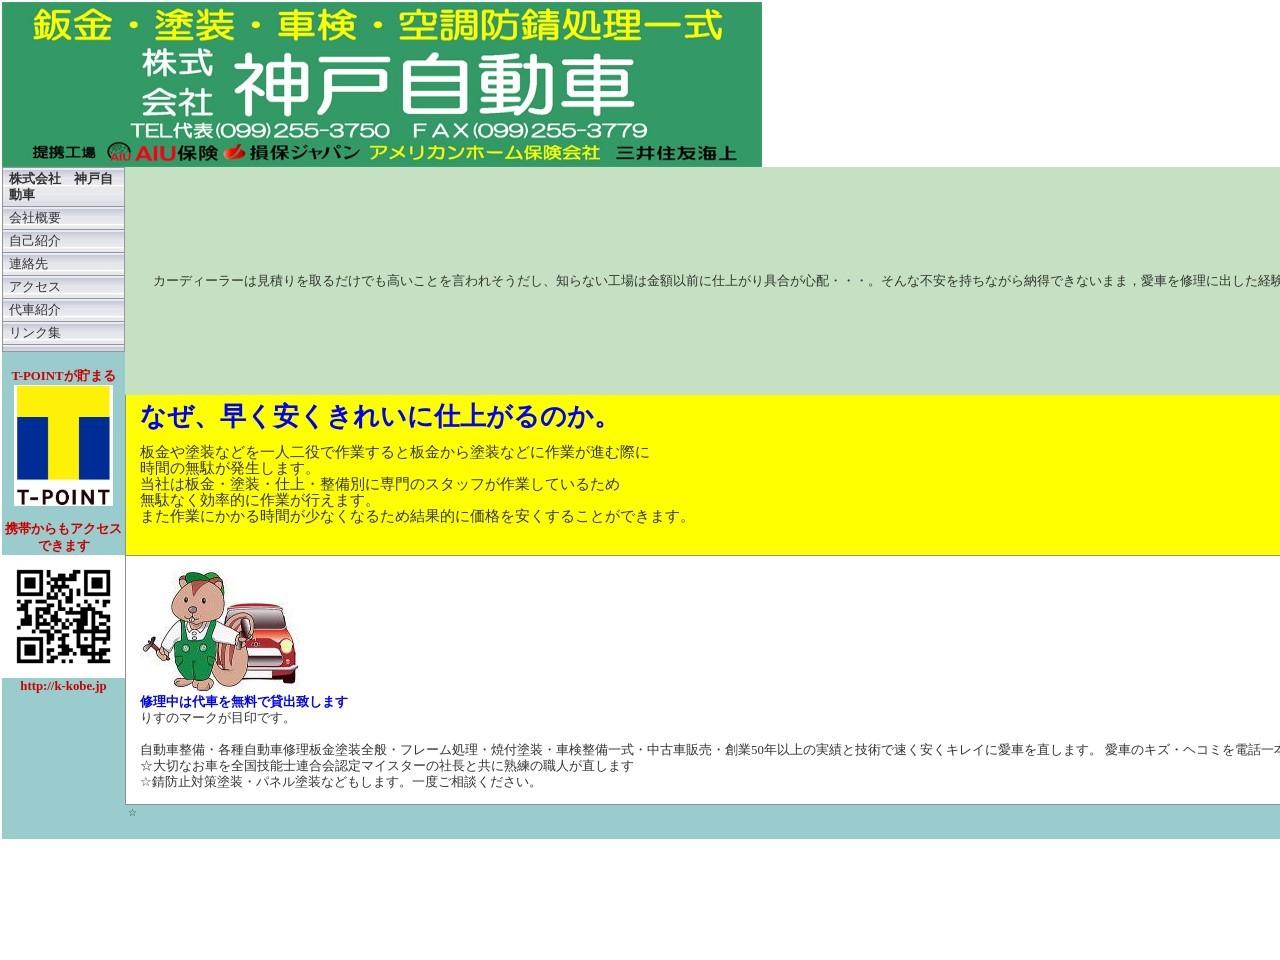 株式会社神戸自動車本社